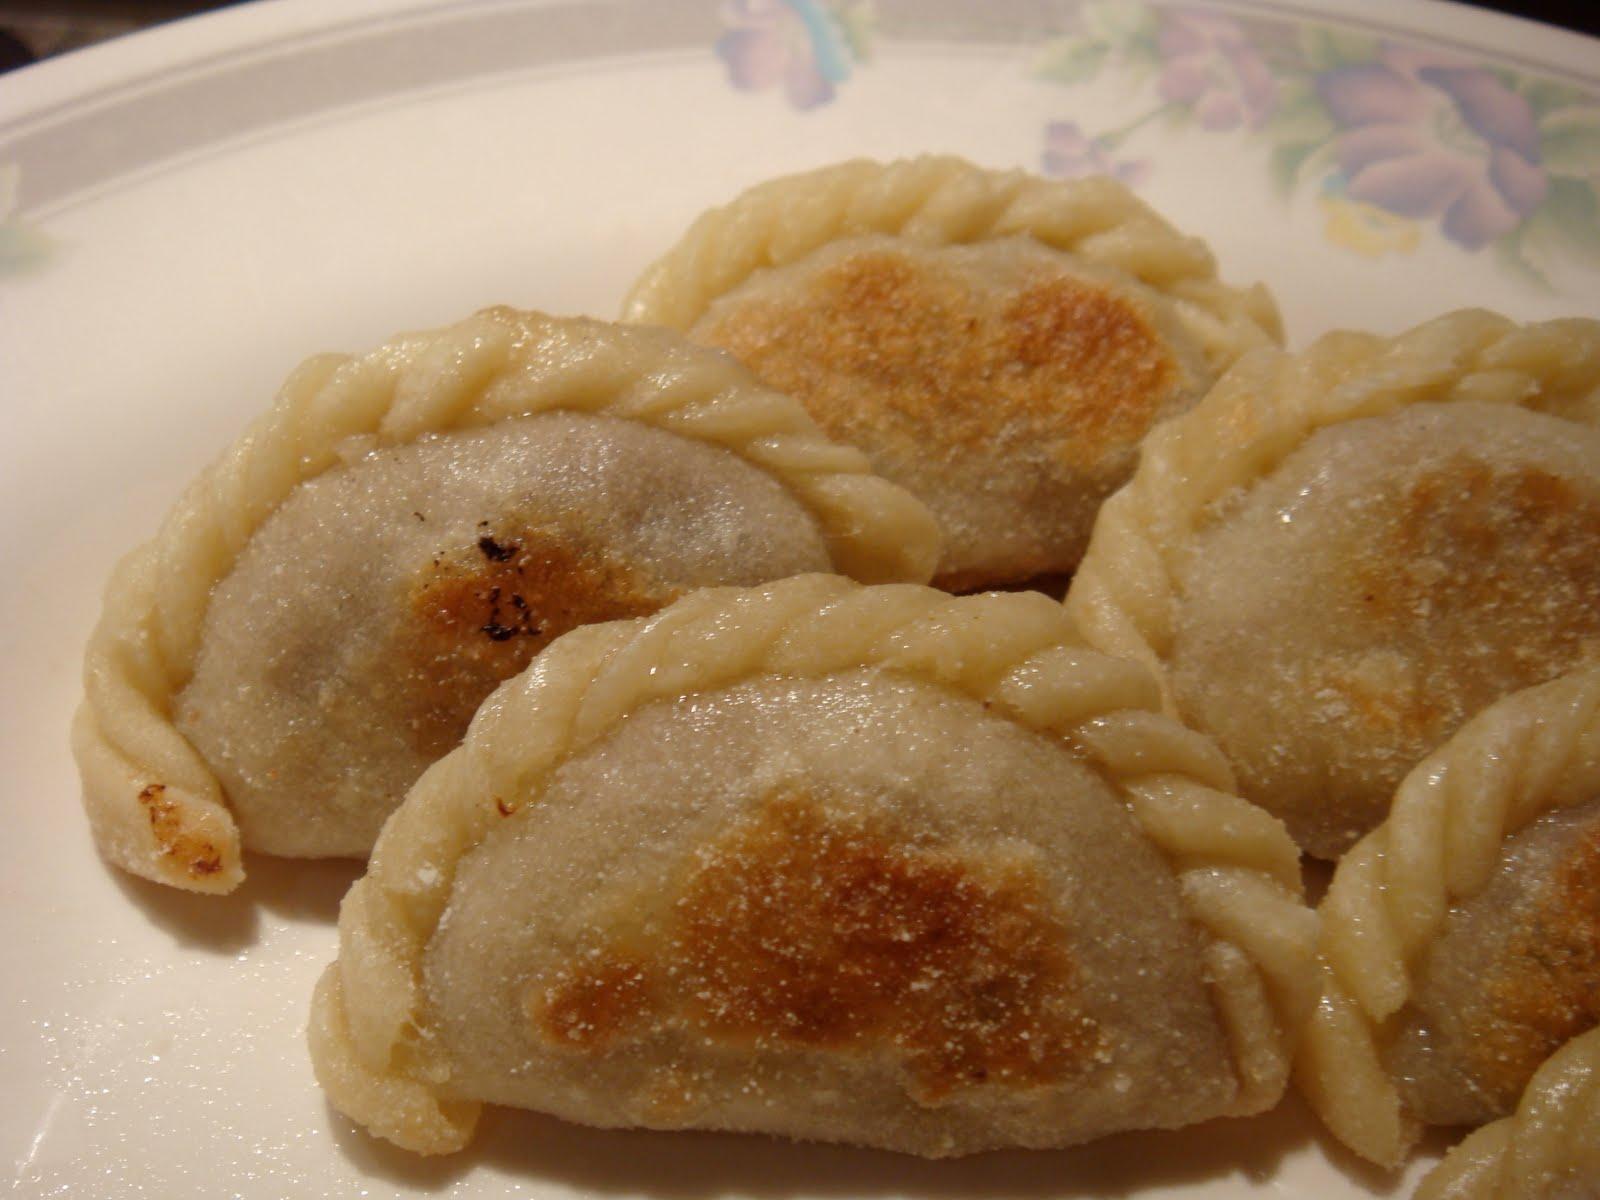 Bumble's Bodacious Buffet: Dumplings